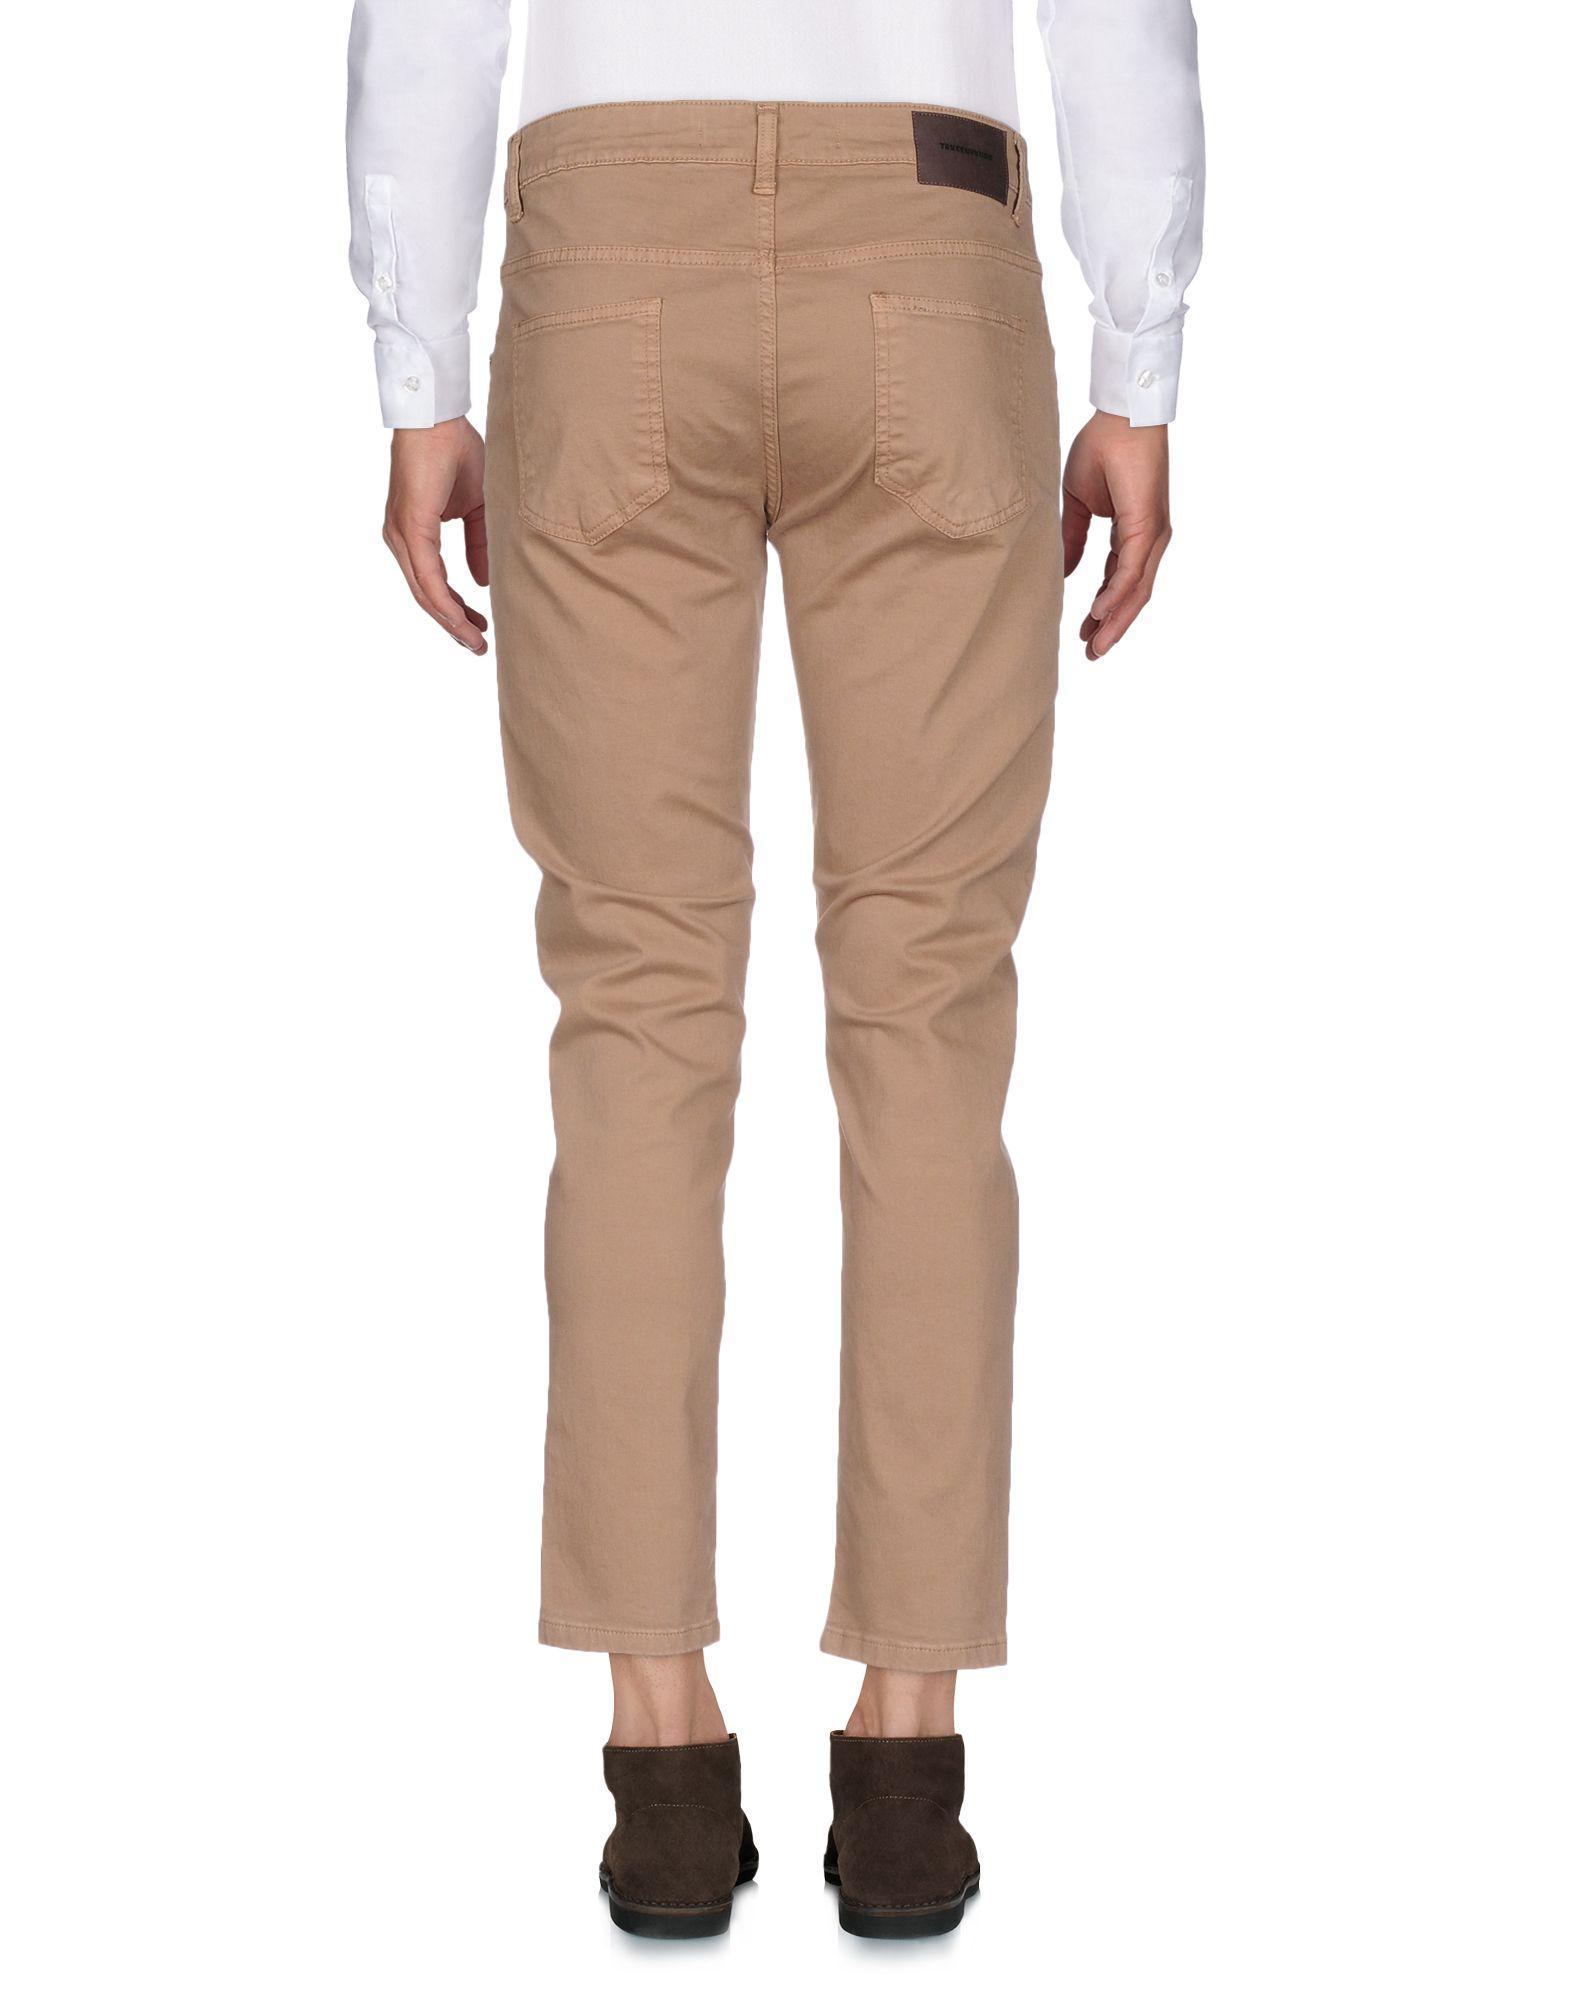 Takeshy Kurosawa Cotton Casual Trouser in Brown for Men